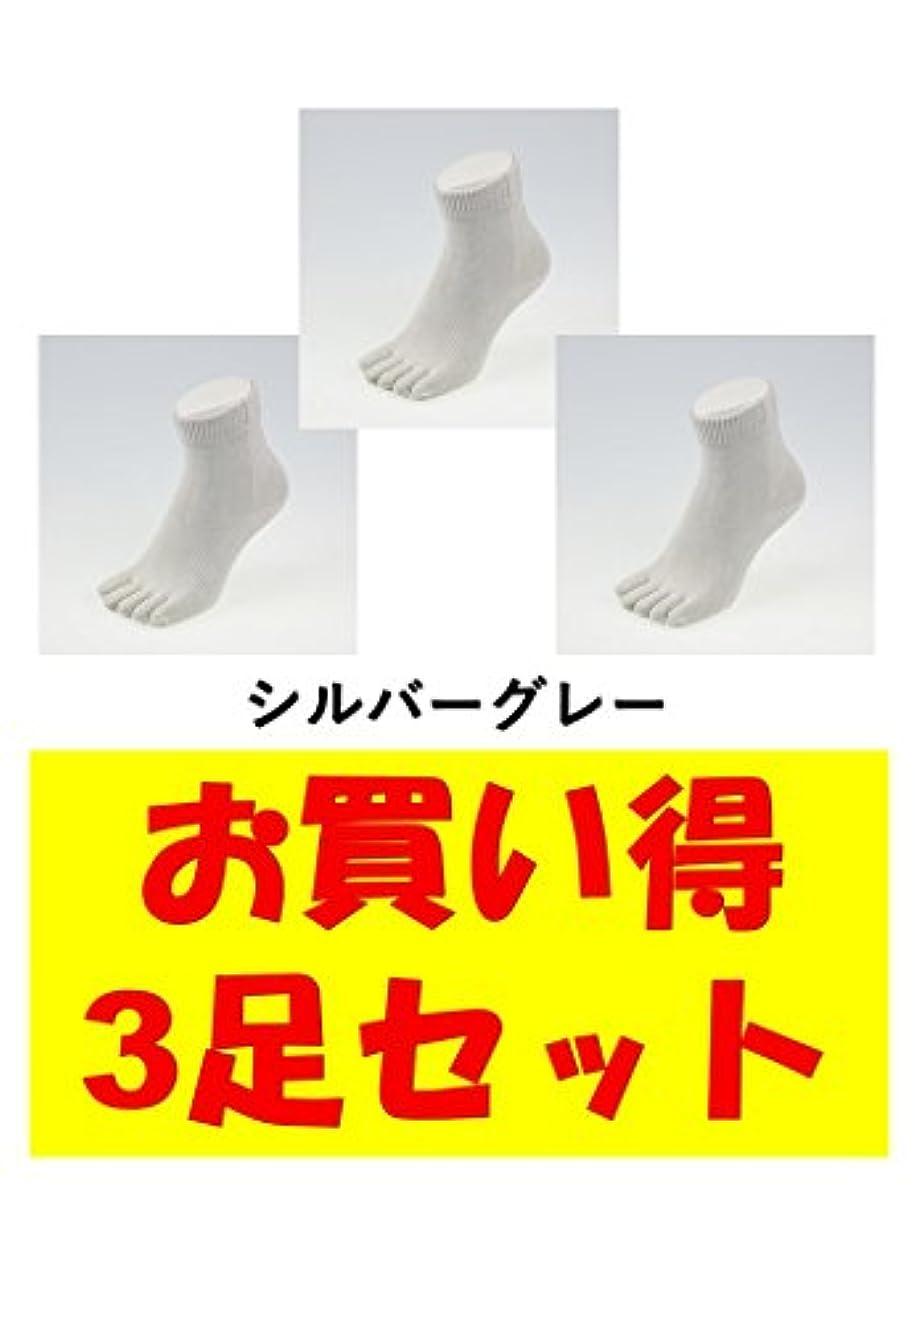 インク検査コミュニティお買い得3足セット 5本指 ゆびのばソックス Neo EVE(イヴ) シルバーグレー iサイズ(23.5cm - 25.5cm) YSNEVE-SGL